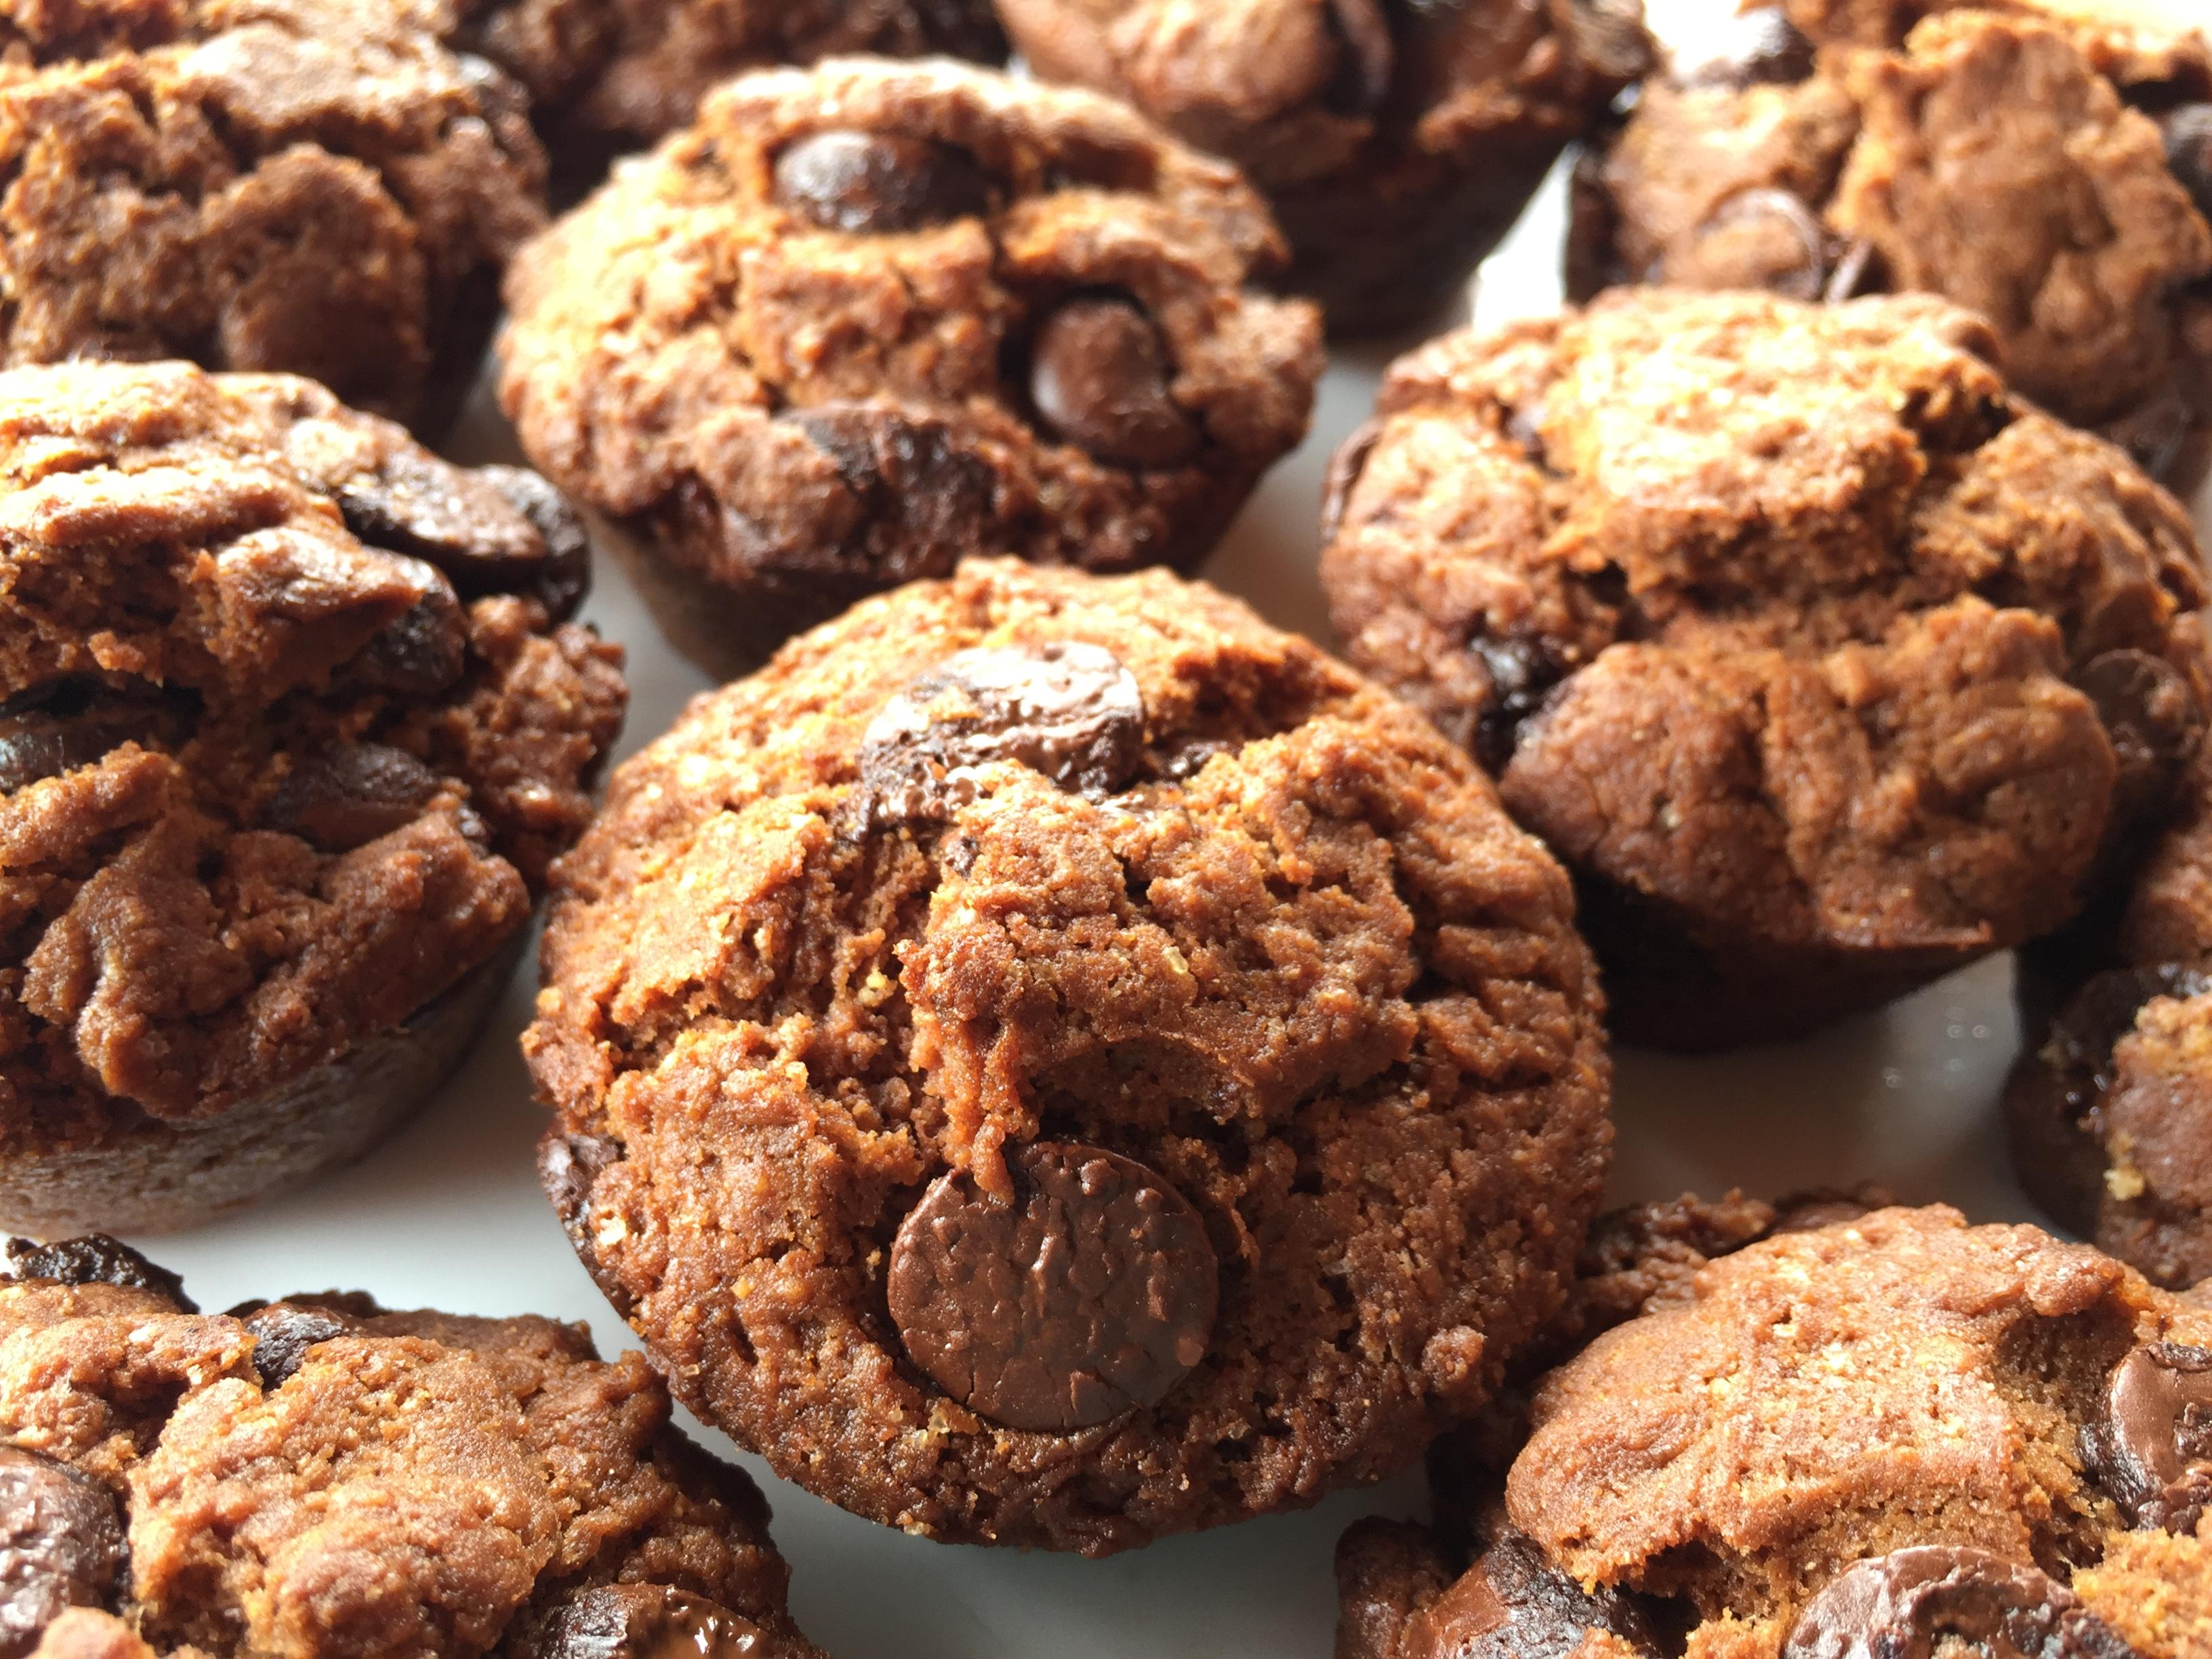 Čokoladni mafini brez glutena